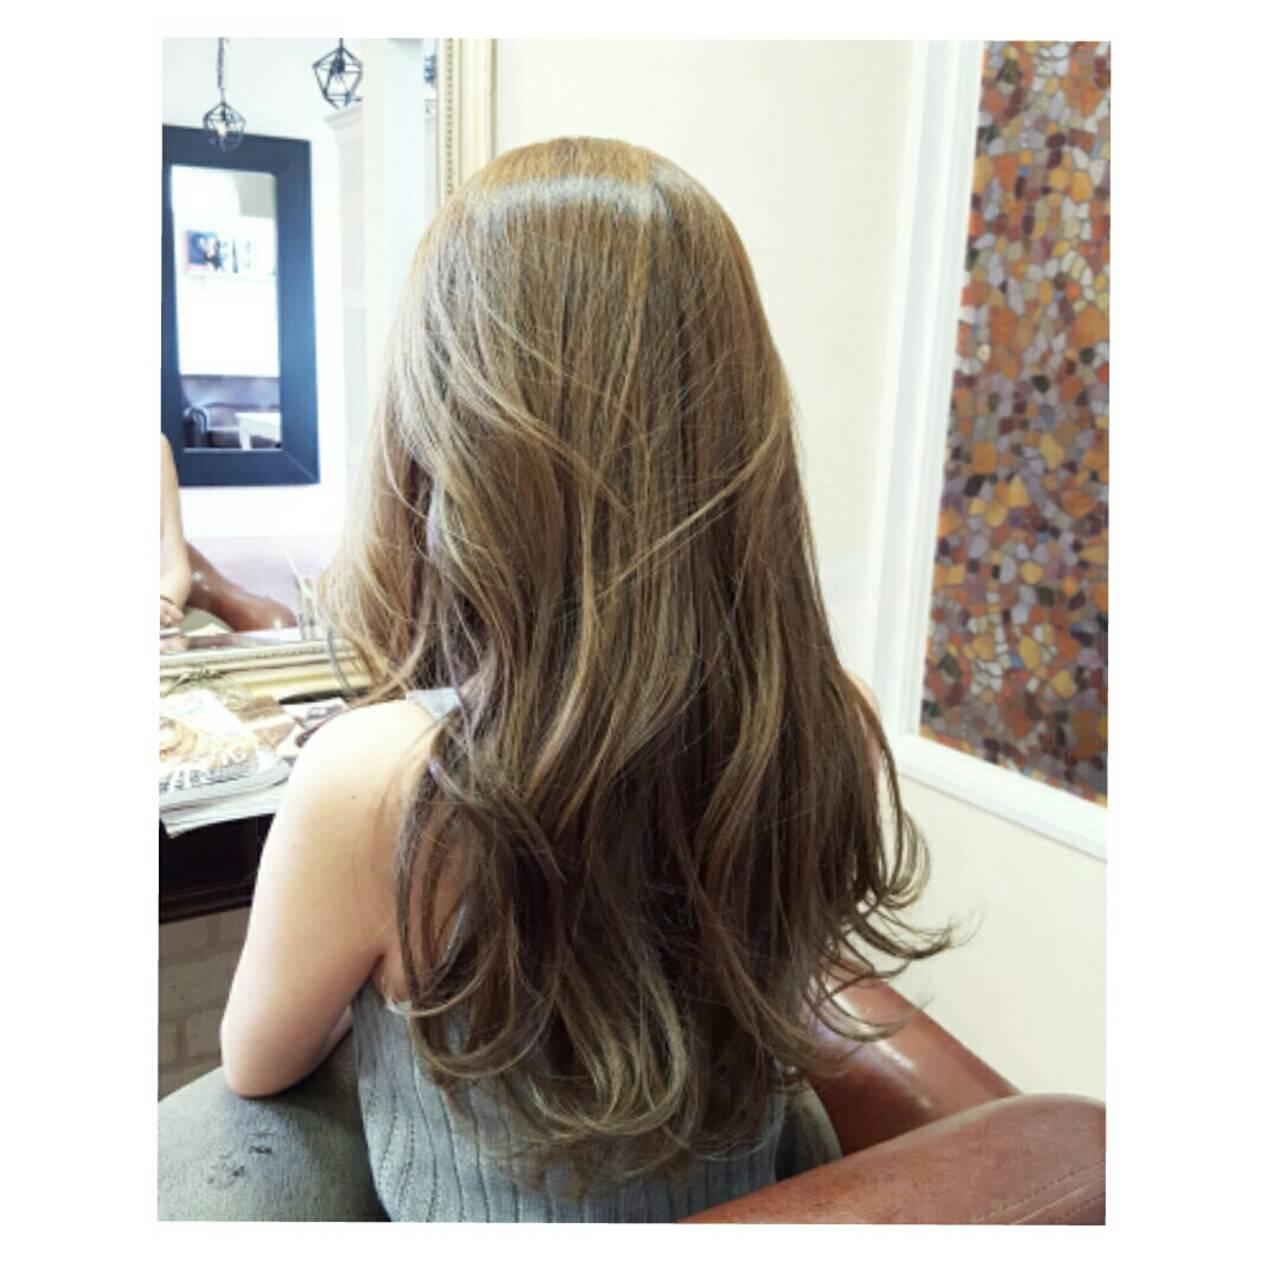 ナチュラル ロング ローライト 艶髪ヘアスタイルや髪型の写真・画像